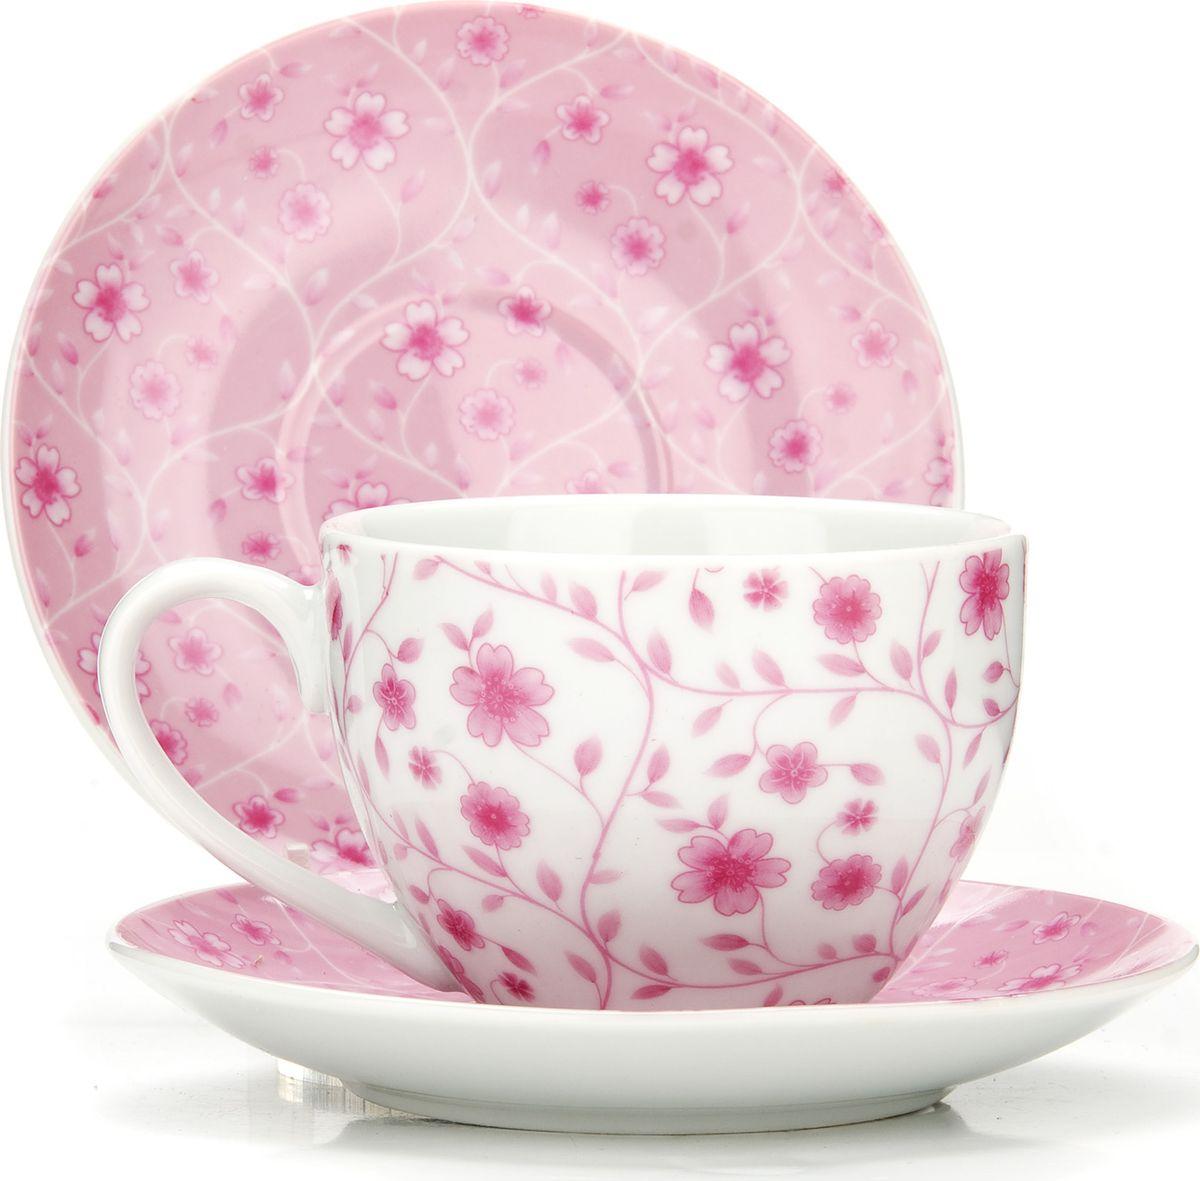 Сервиз чайный Loraine, на подставке, 13 предметов. 4329125955